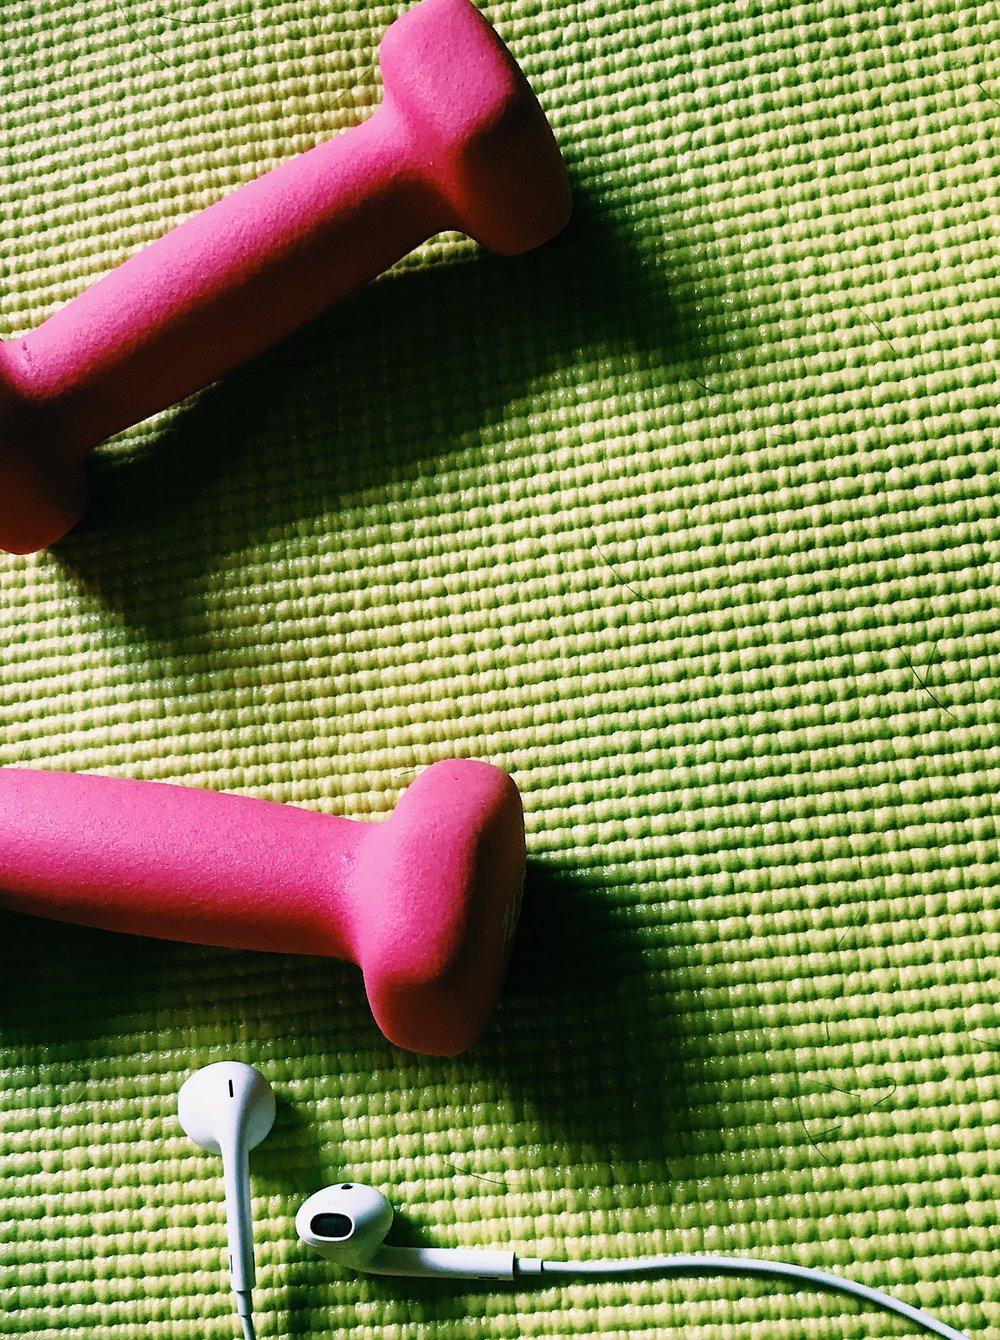 Three Heel Clicks - 2 Months of BBG (2).jpg